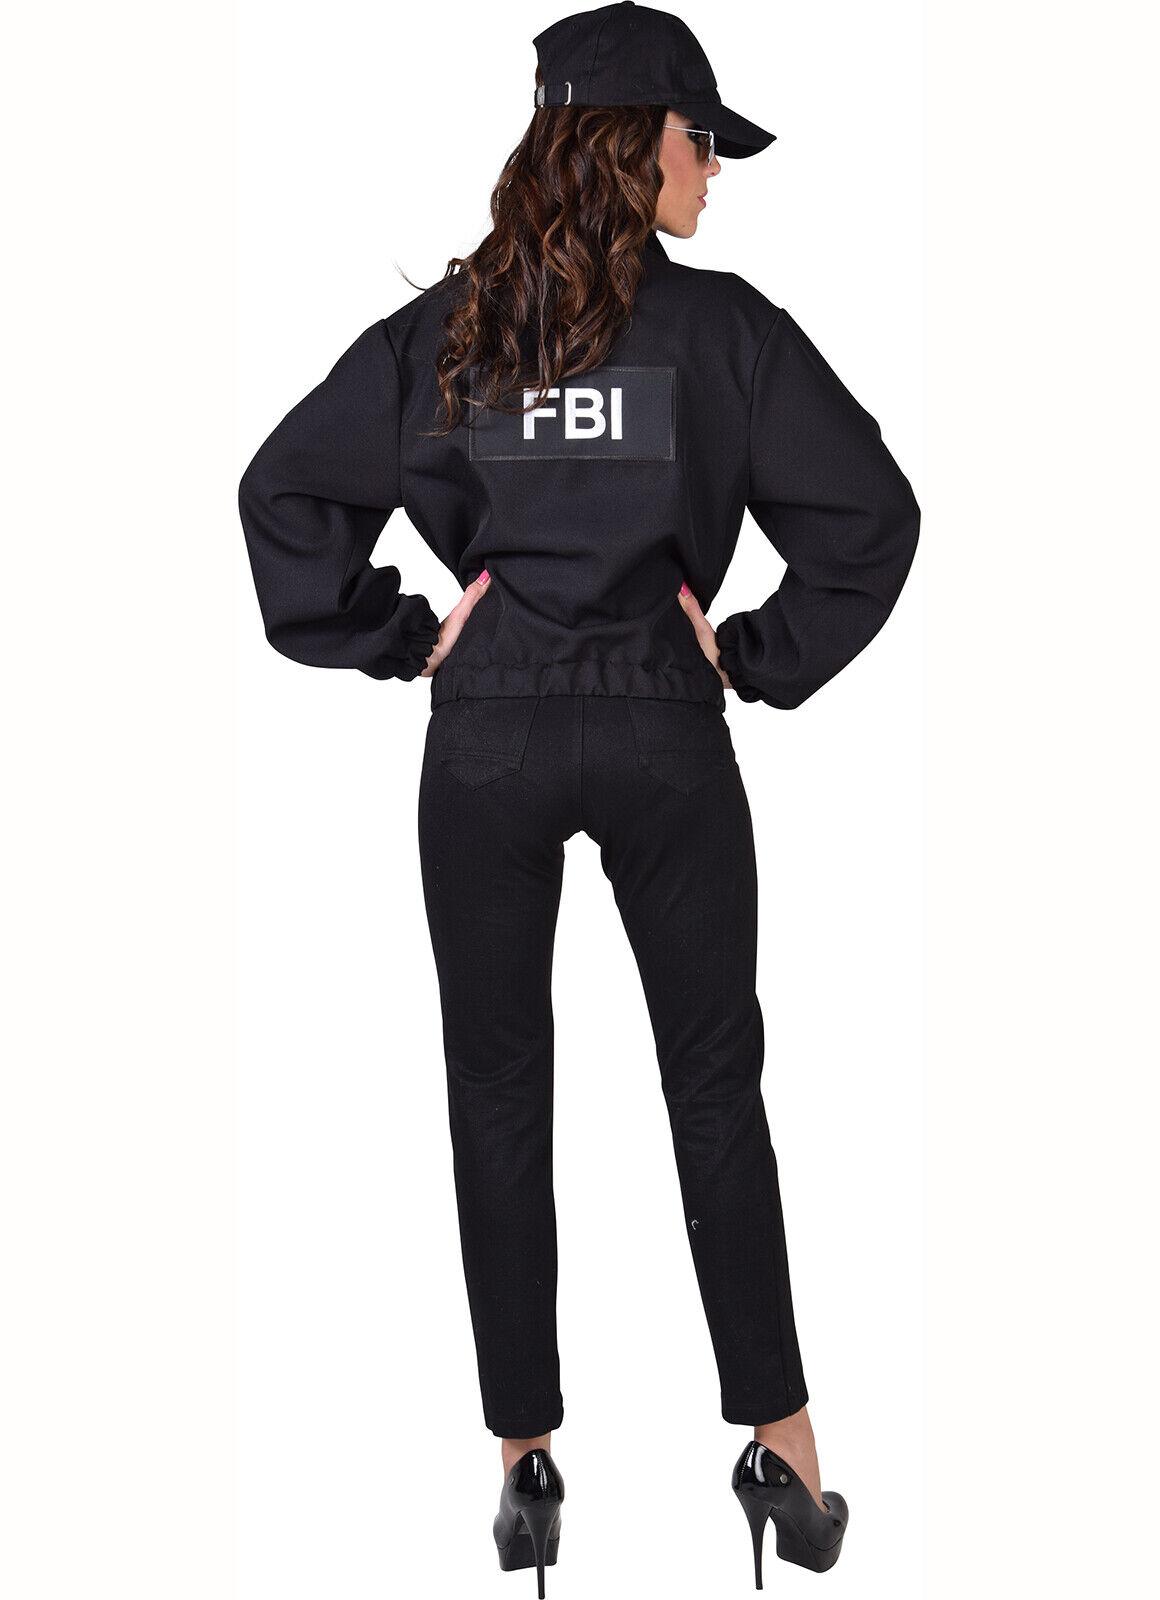 Female FBI Bomber Jackets